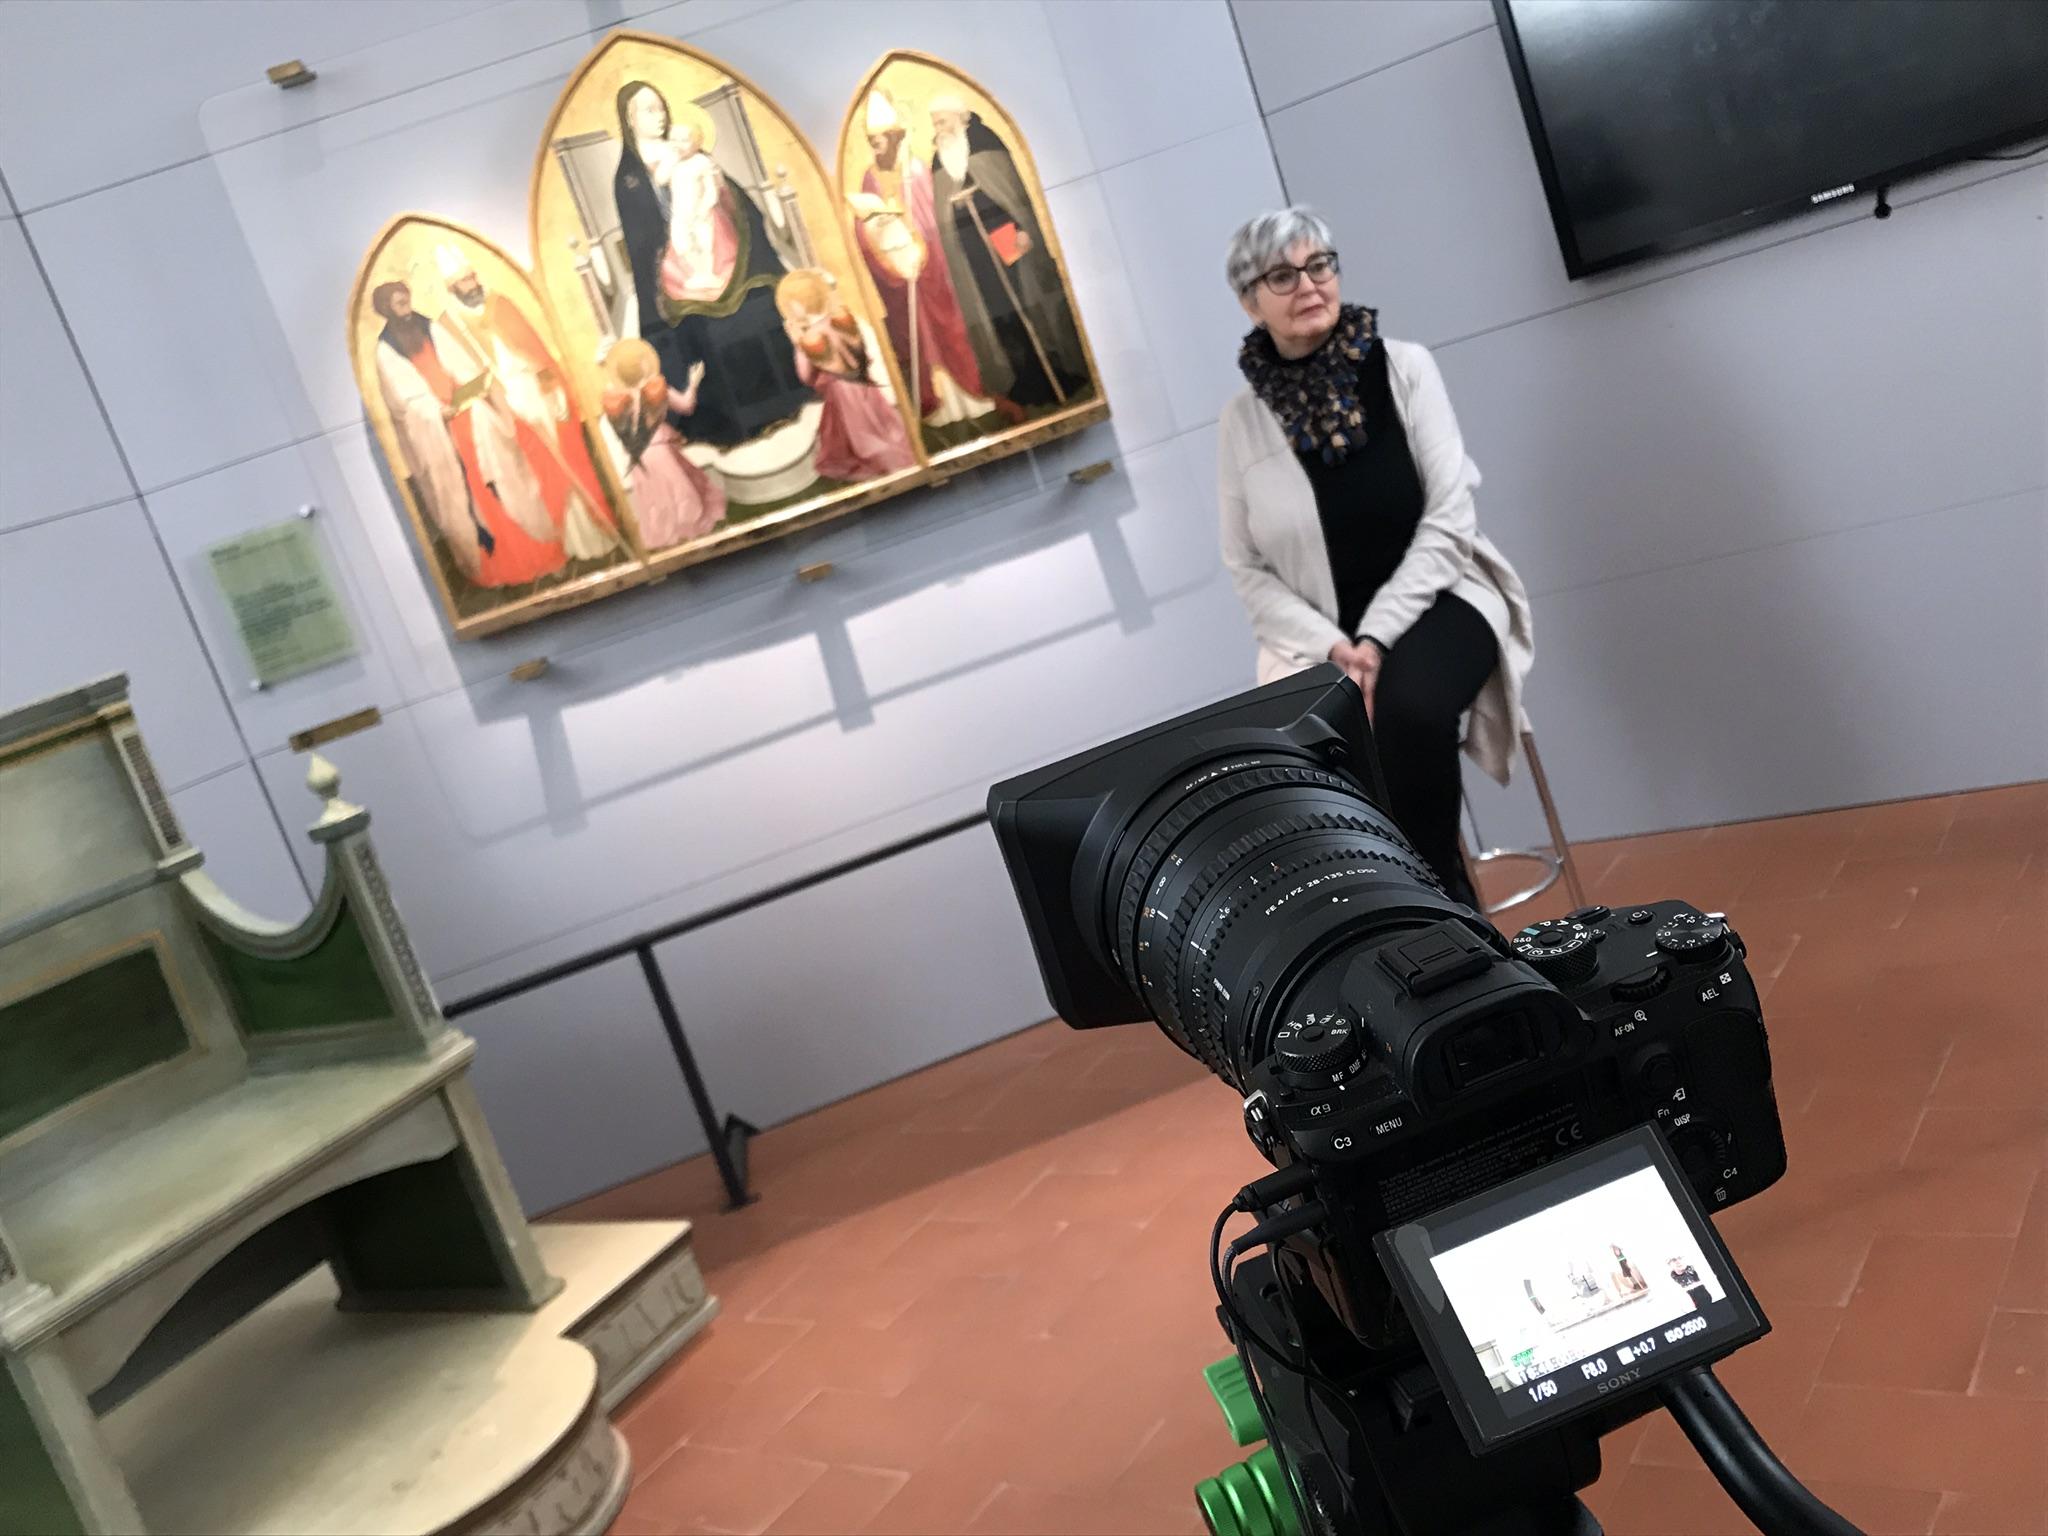 Dipingere a parole, Sistema museale Chianti e Valdarno, Masaccio